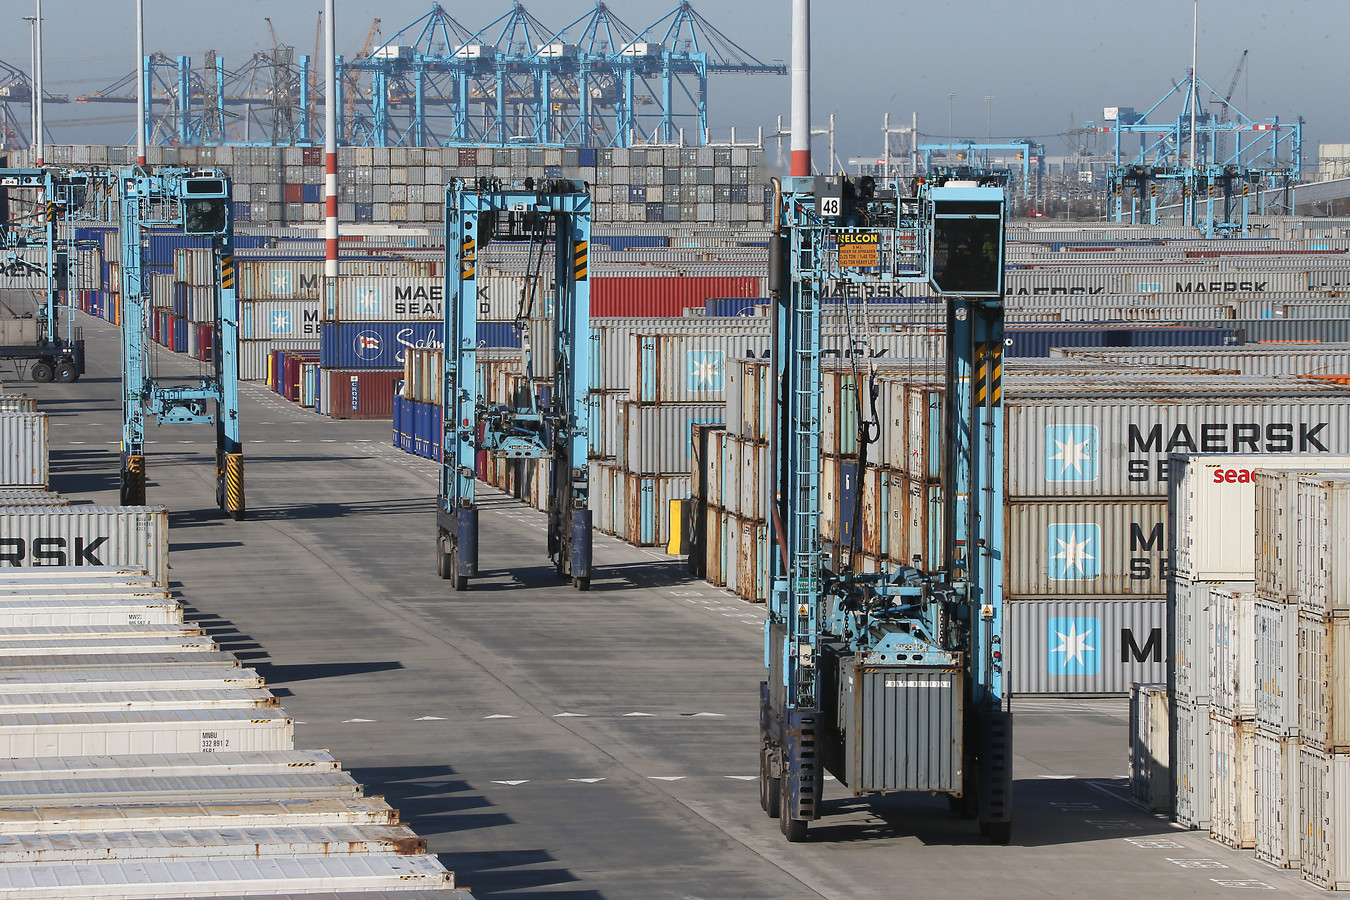 De terminal van APMT-R op de Maasvlakte. Hier rijden chauffeurs in zogeheten 'straddle carriers' de containers rond. Bij de moderne overslagbedrijven gebeurt dat gerobotiseerd.